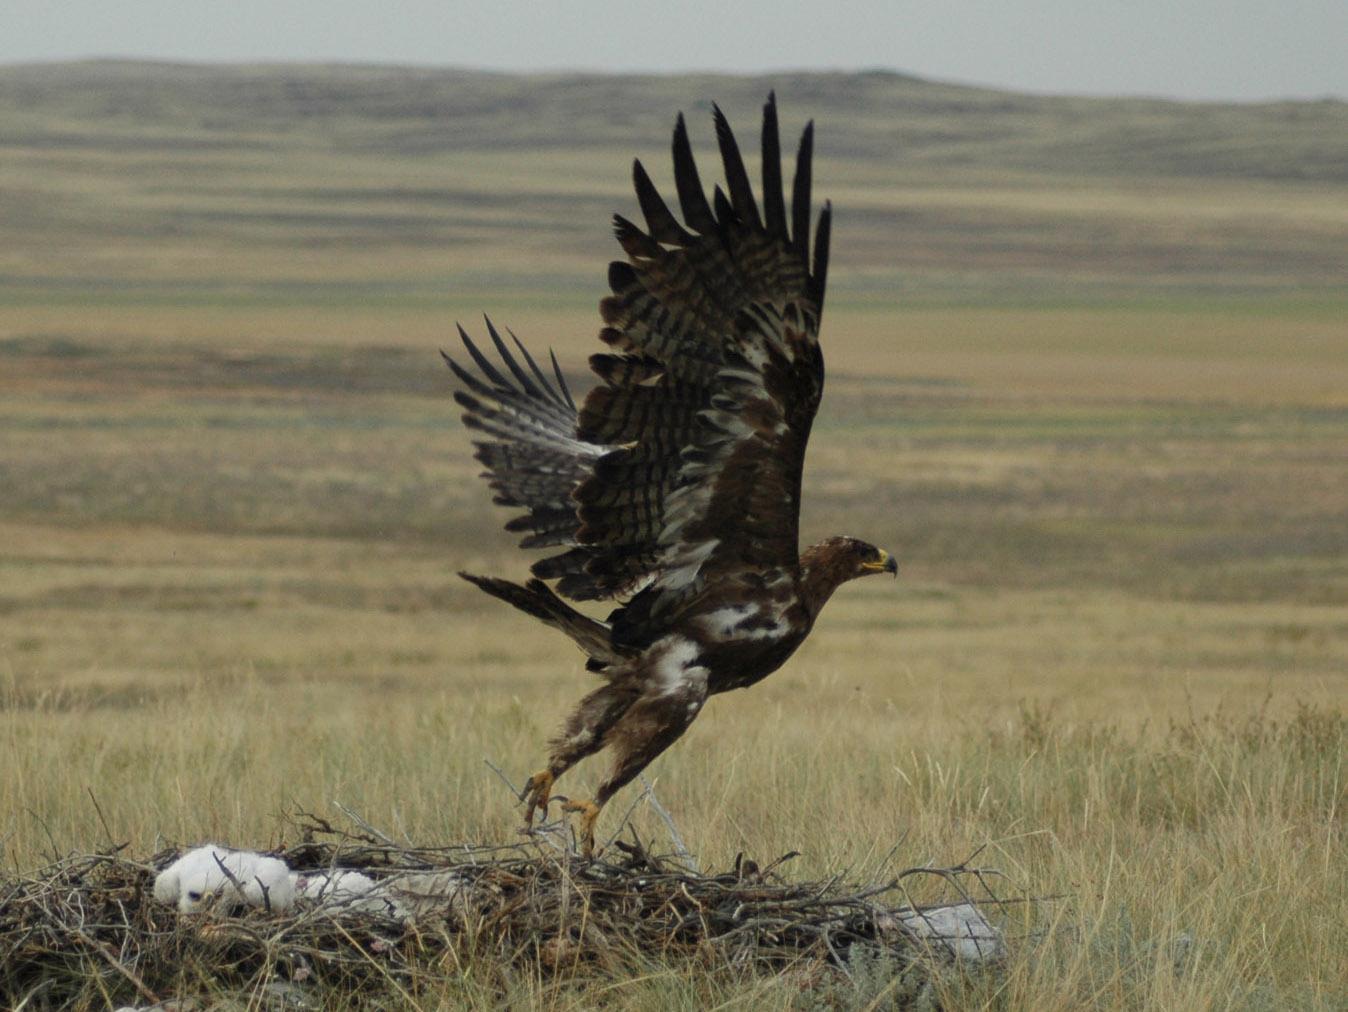 Молодая самка степного орла уже размножается. Фото И. Карякина